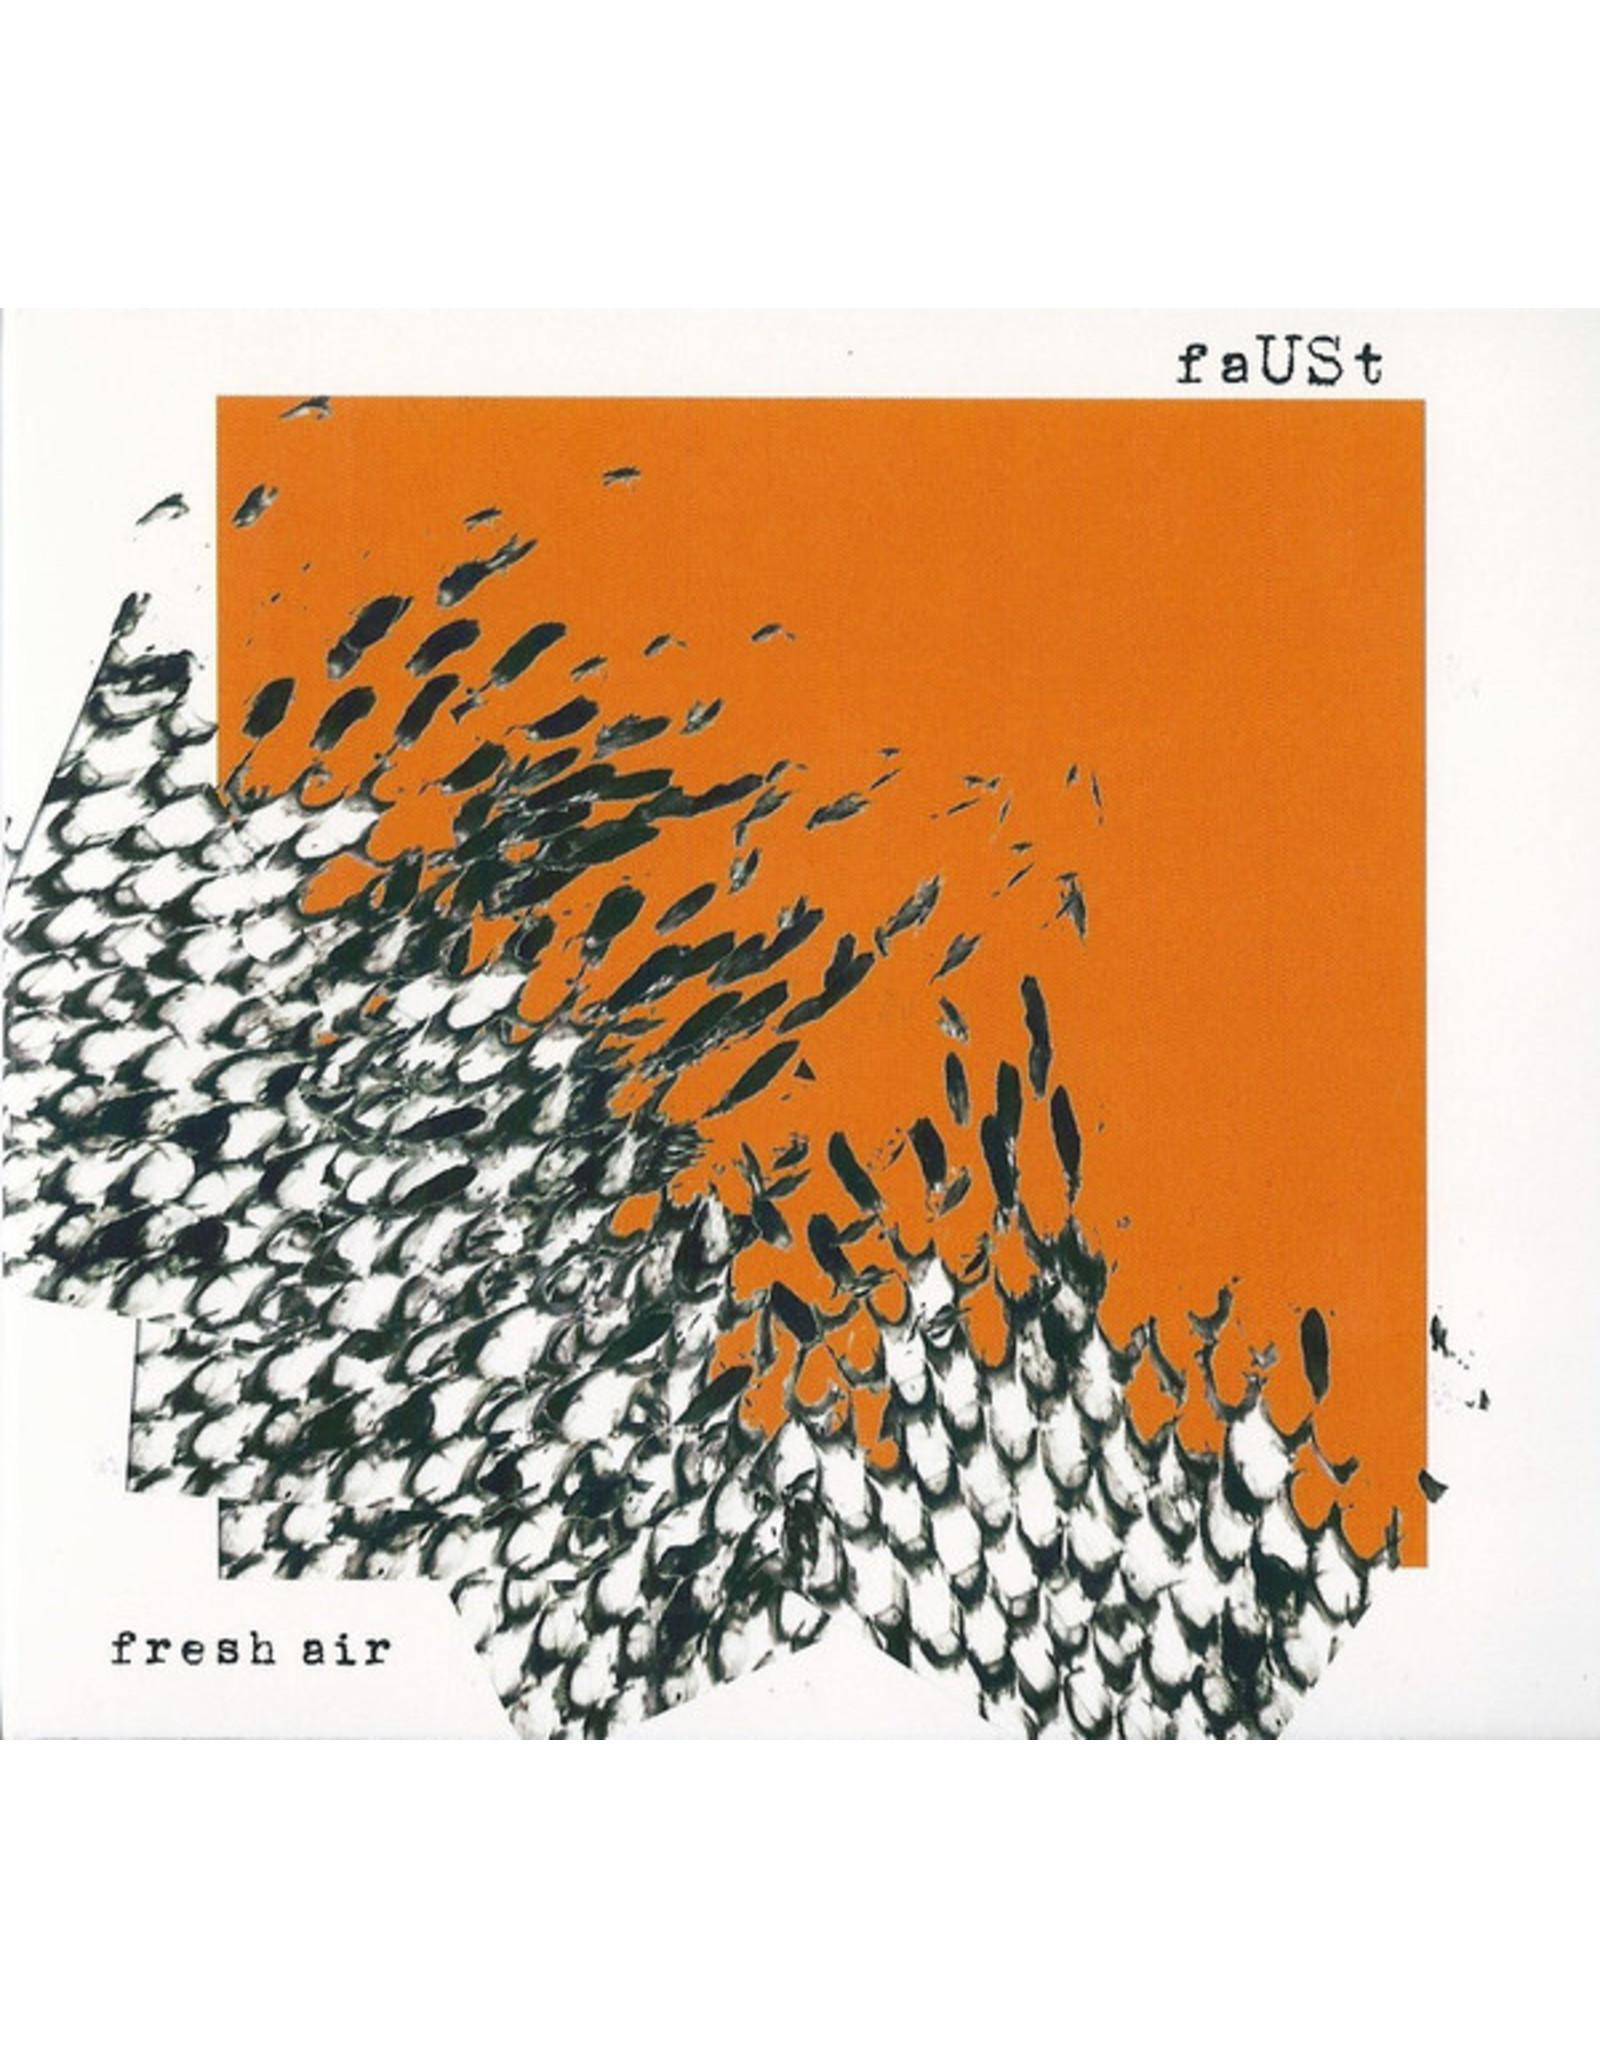 New Vinyl Faust - Fresh Air LP